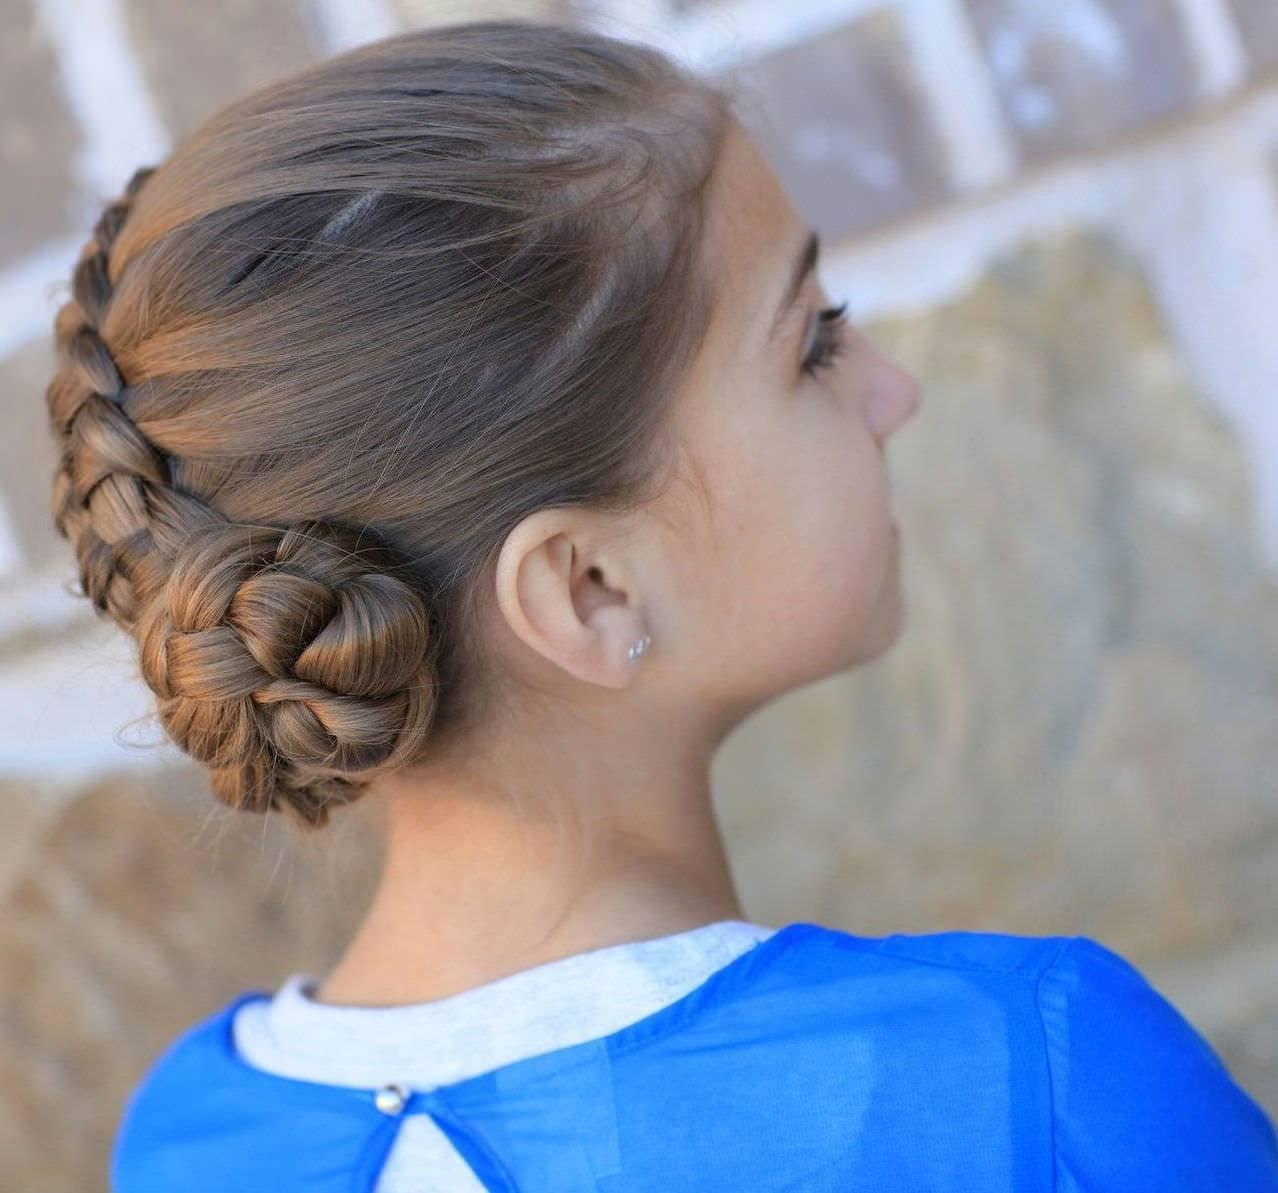 Варианты причесок на 1 сентября в 9 класс: лучше идеи с фото